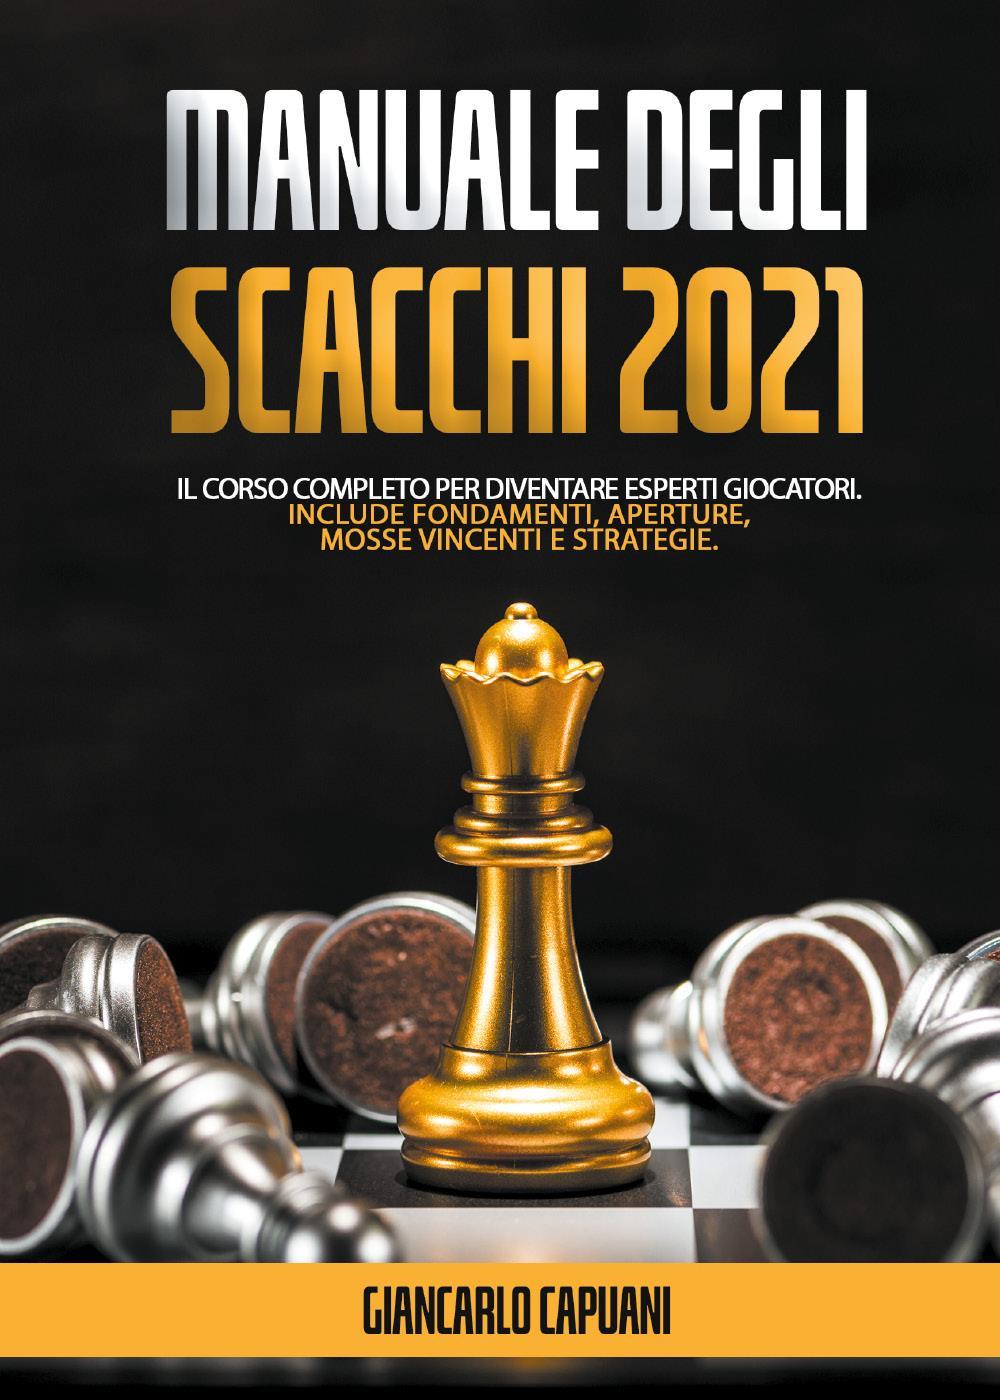 Manuale degli scacchi 2021; Il Corso Completo Per Diventare Esperti Giocatori. Include Fondamenti, Aperture, Mosse vincenti e Strategie.